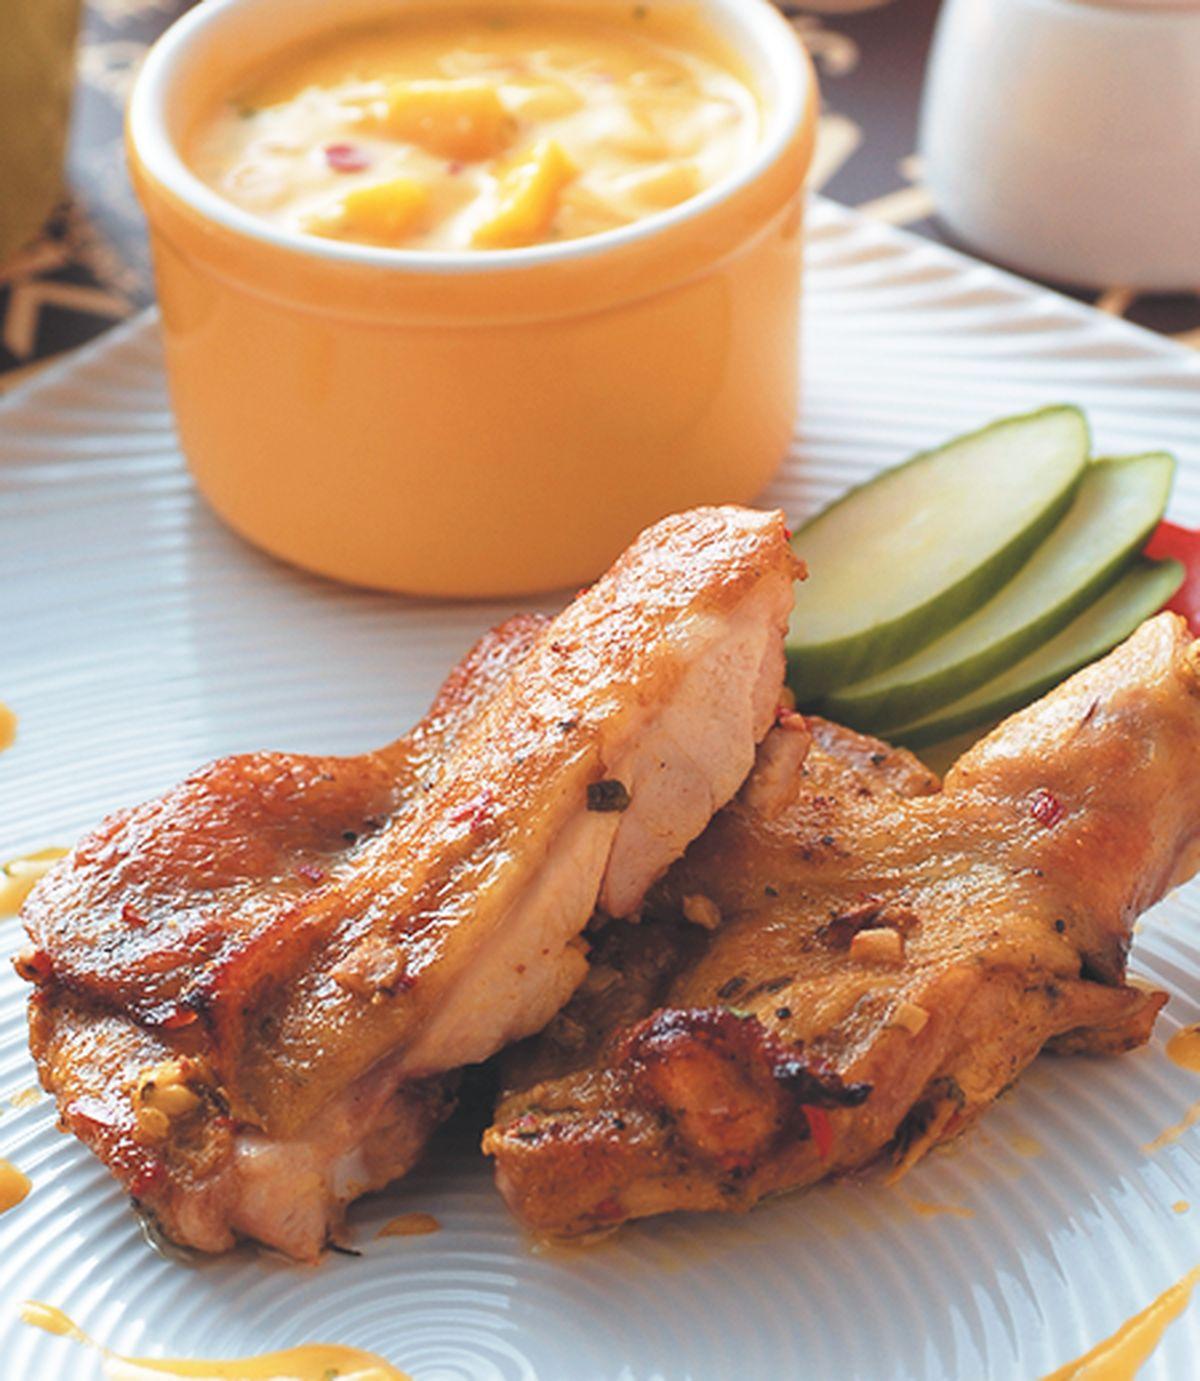 食譜:酪香烤雞腿